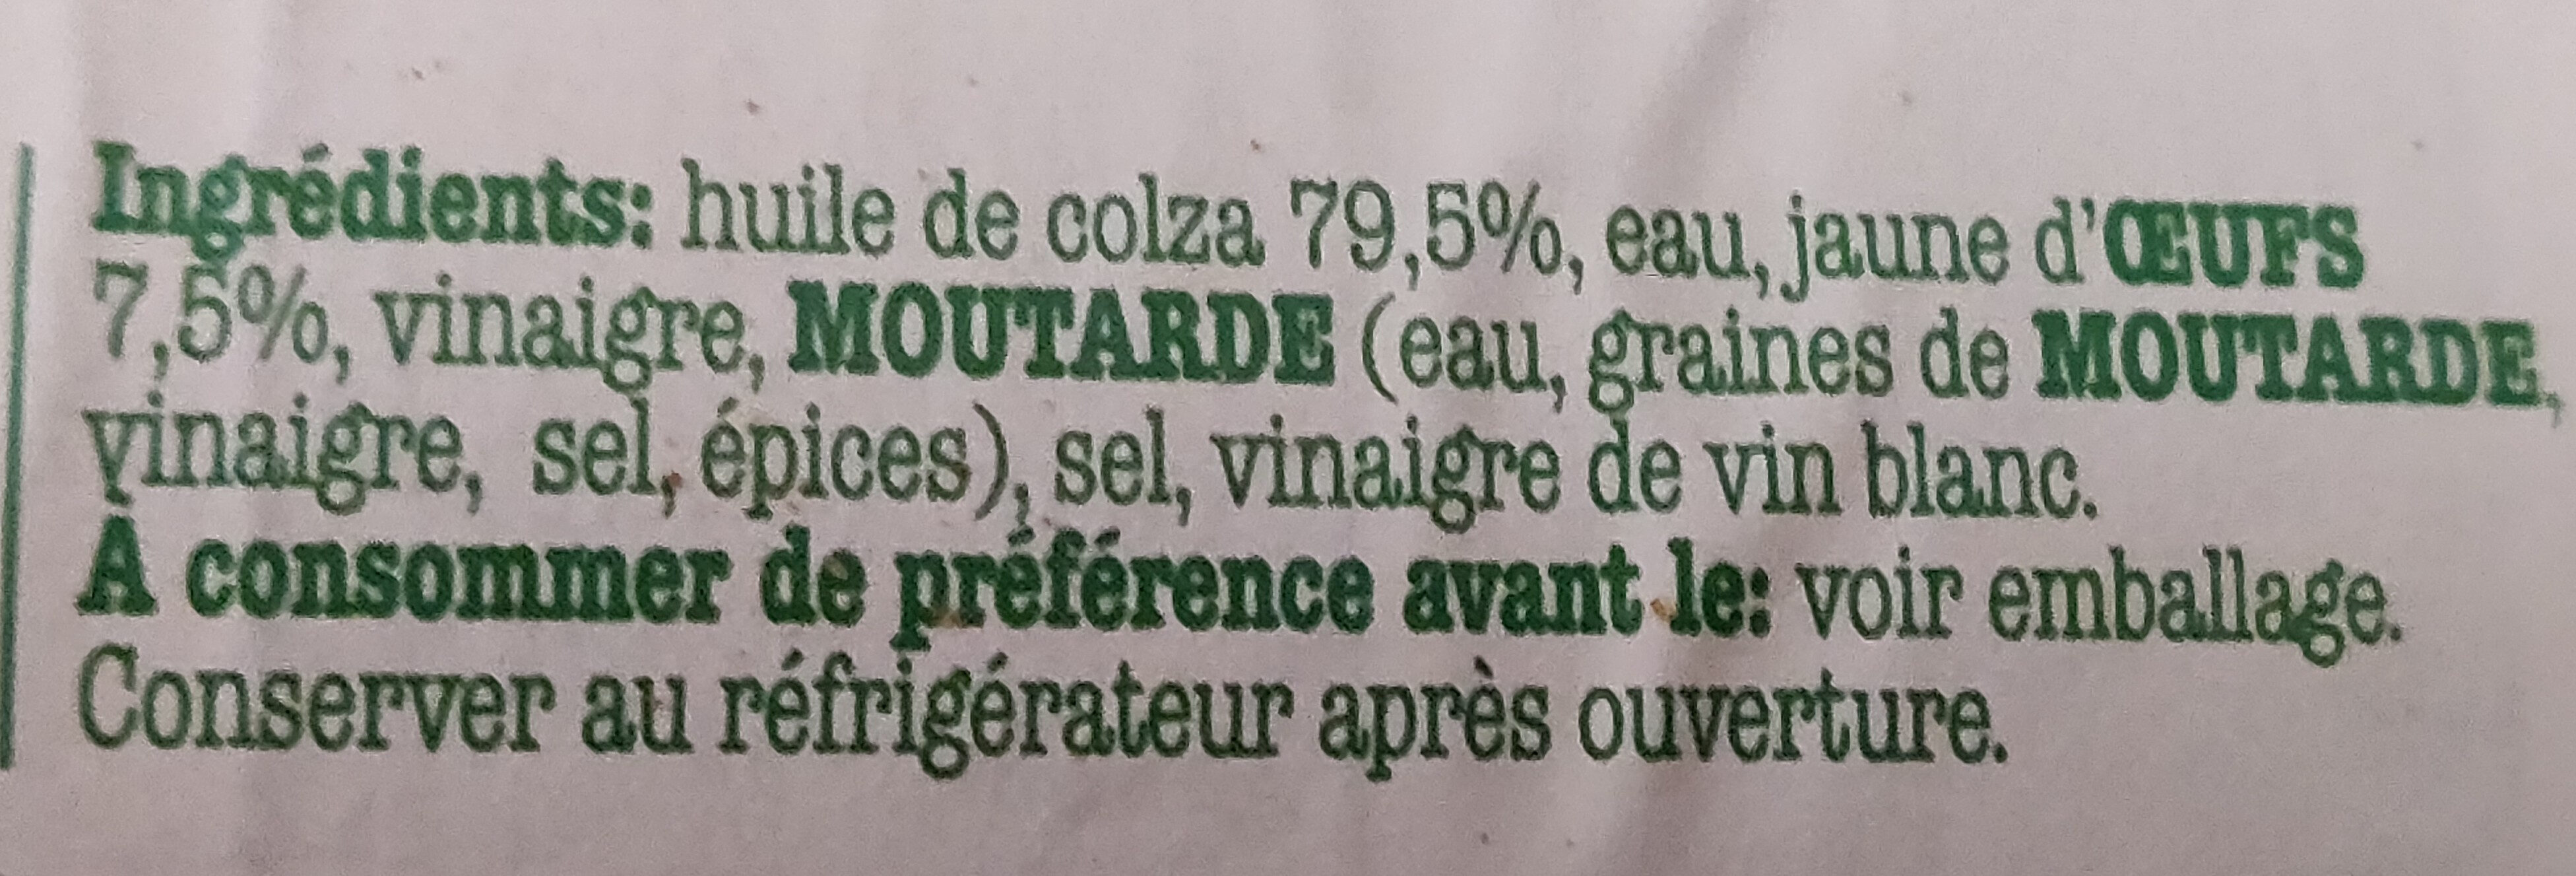 Vandemoortele mayonnaise - Ingrédients